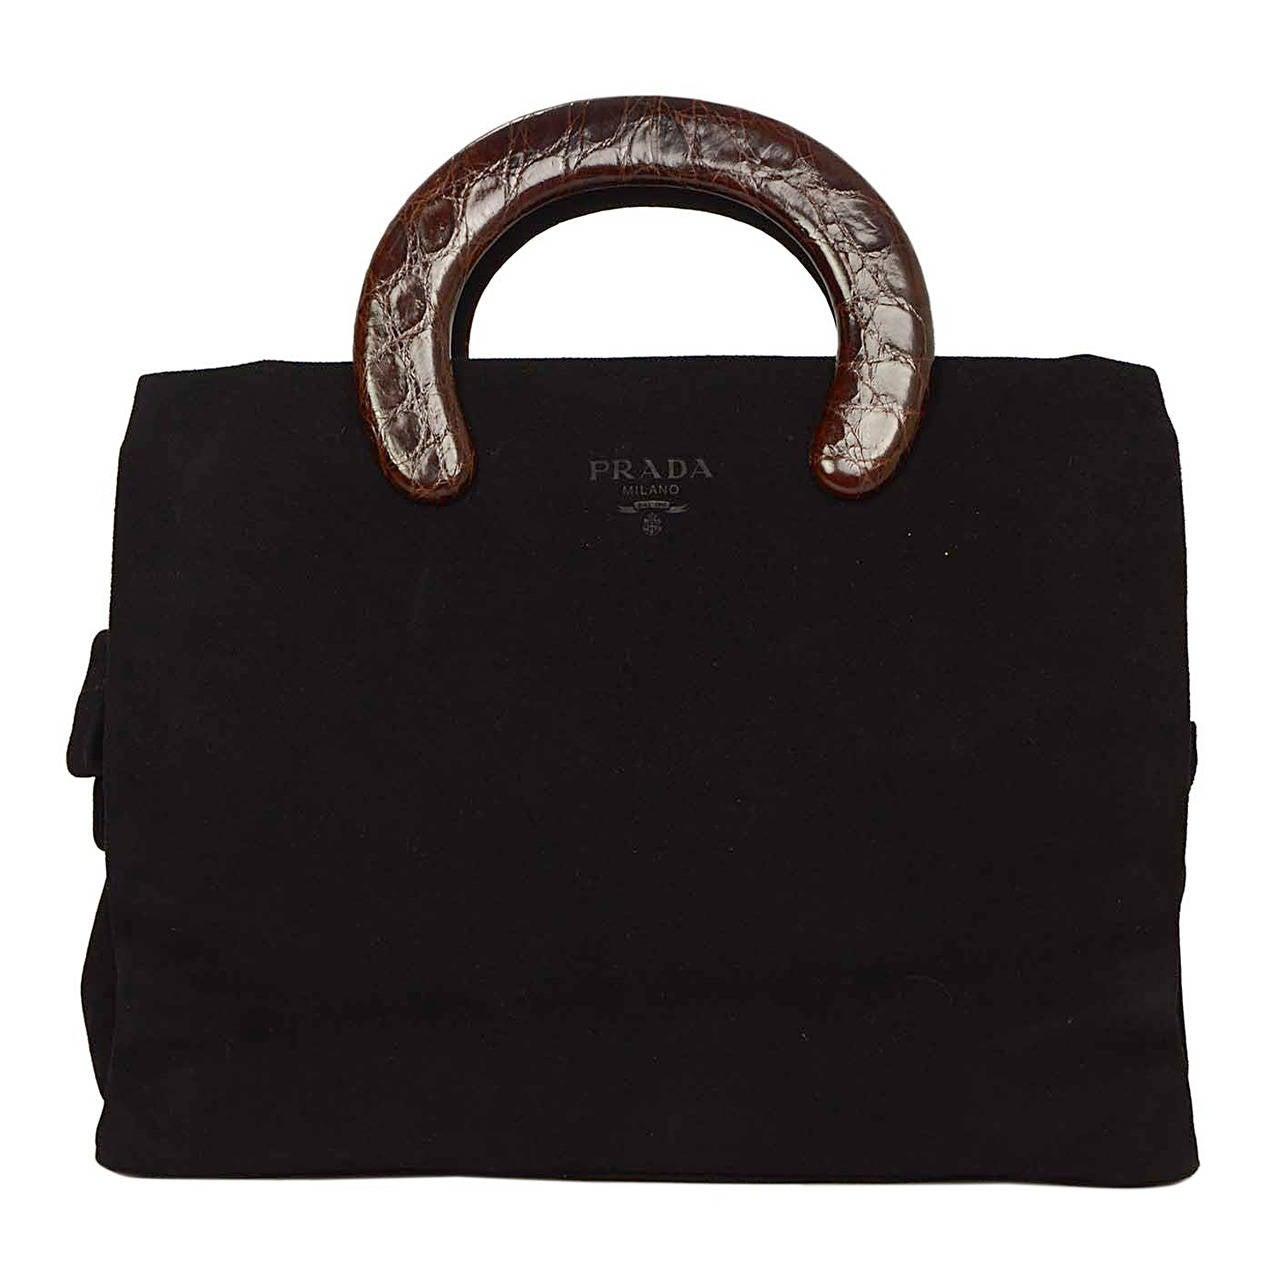 prada suede bags prada suede handbag. Black Bedroom Furniture Sets. Home Design Ideas